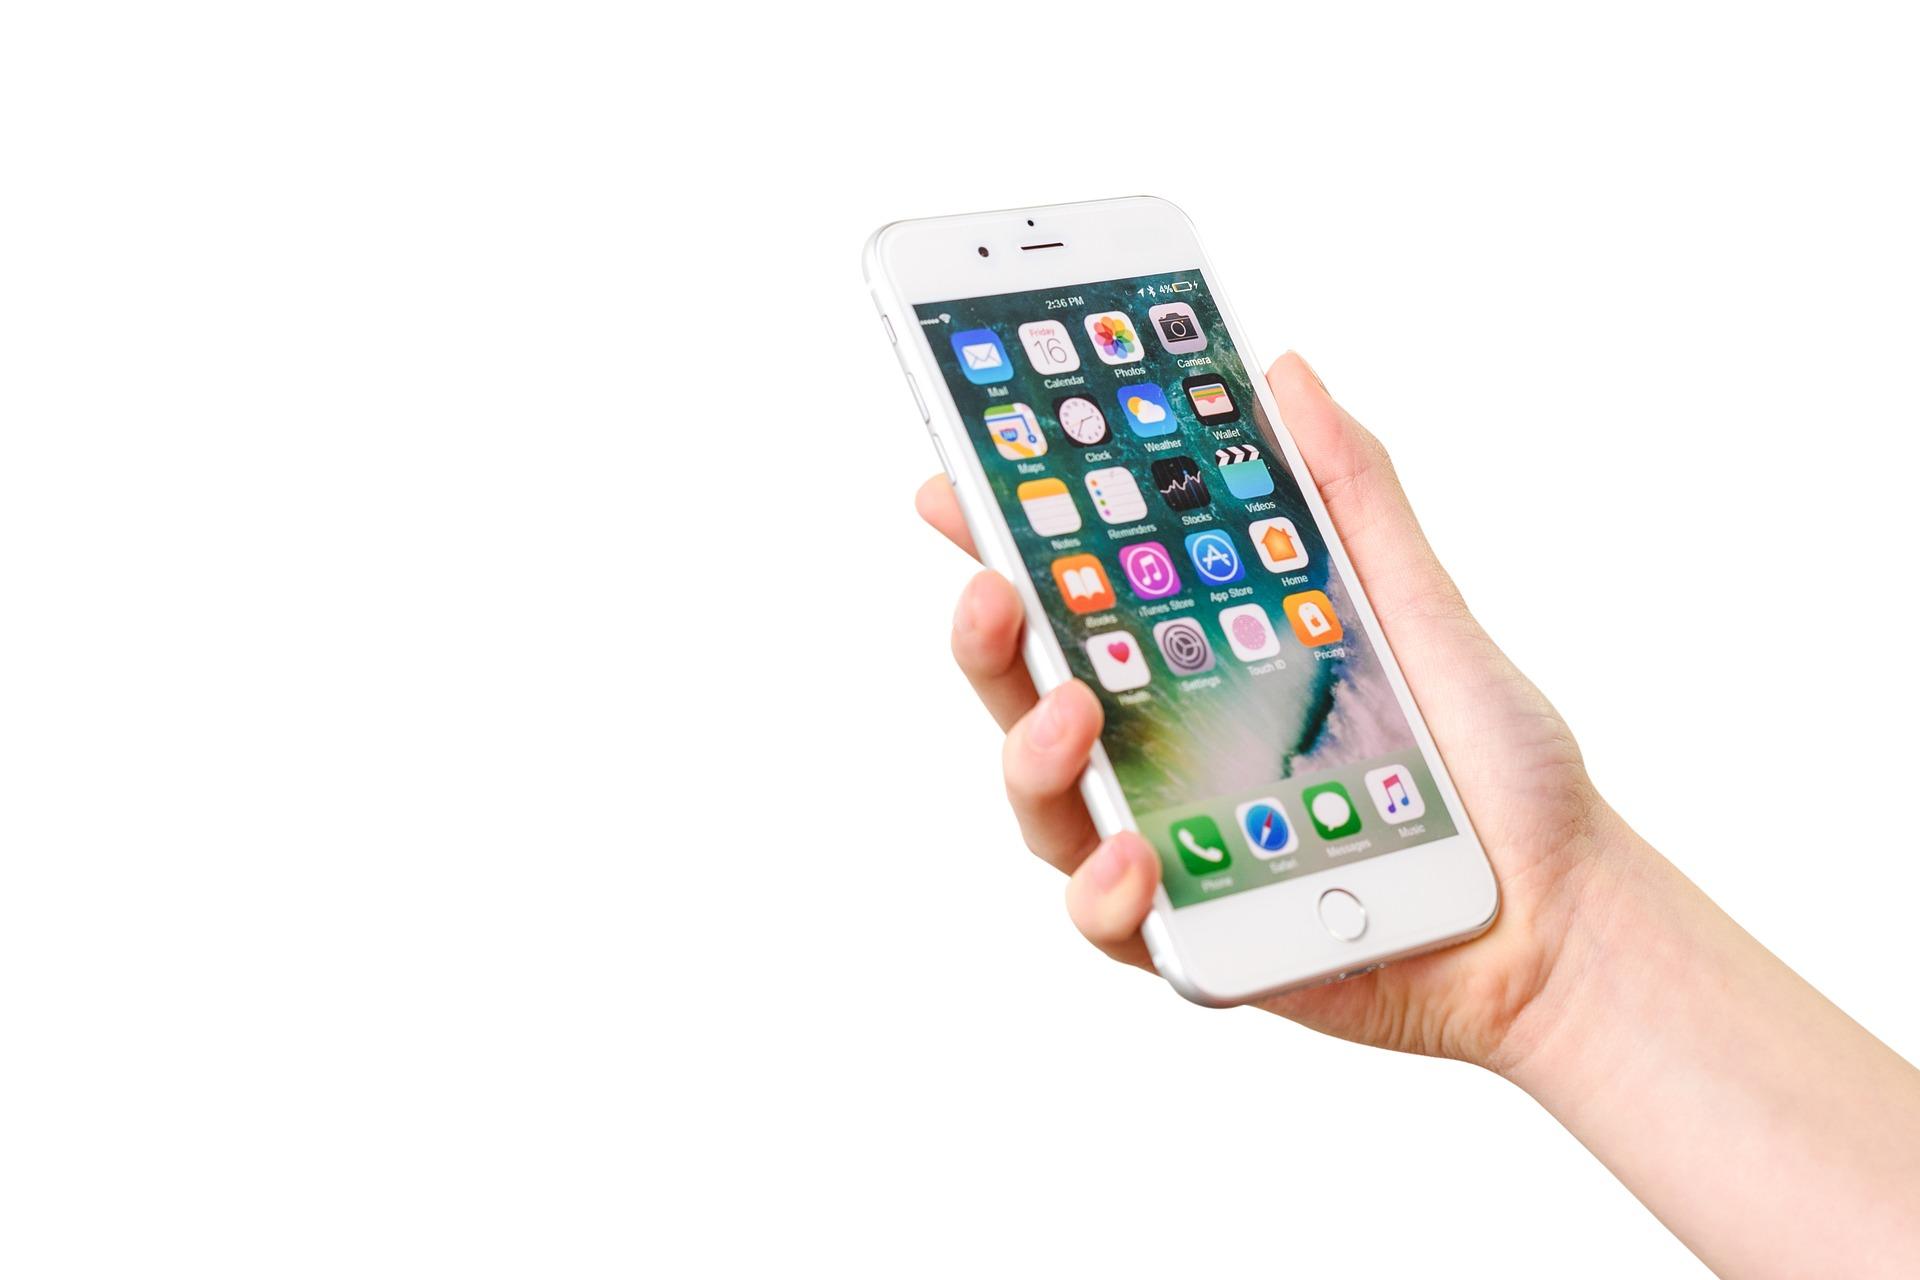 iPhone - WLAN funktioniert nicht mehr trotz Verbindung